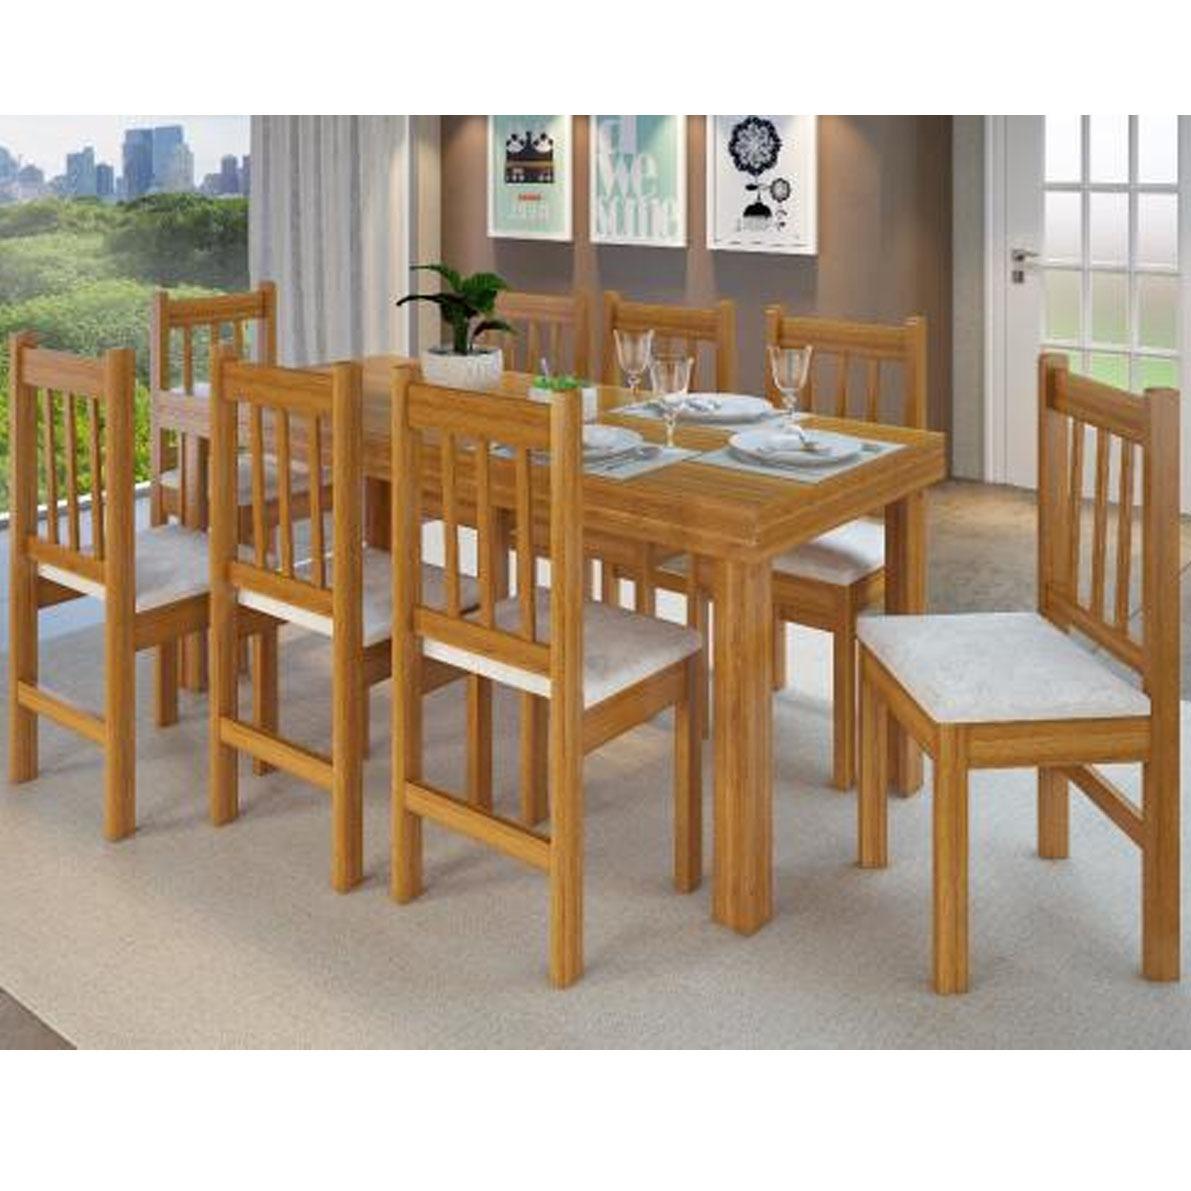 Juego de comedor madera mesa y 8 sillas tapizadas for Juego de comedor de madera